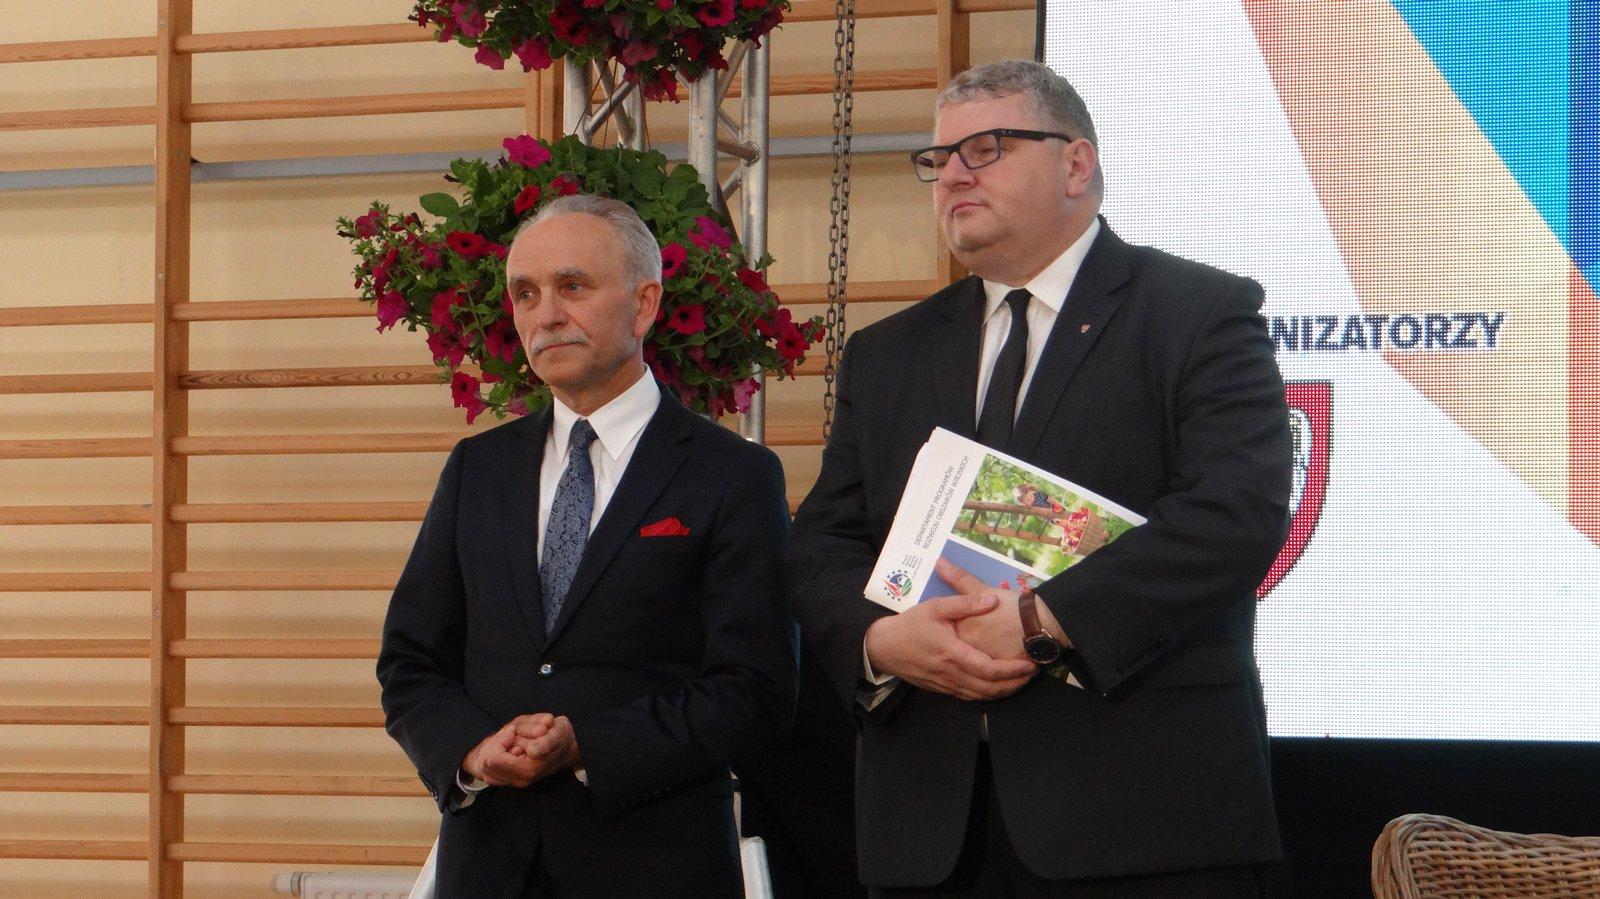 dsc09458 - Wielkopolska zaradność i pracowitość doceniona na Forum Wielkopolskiej Wsi Europejskiej